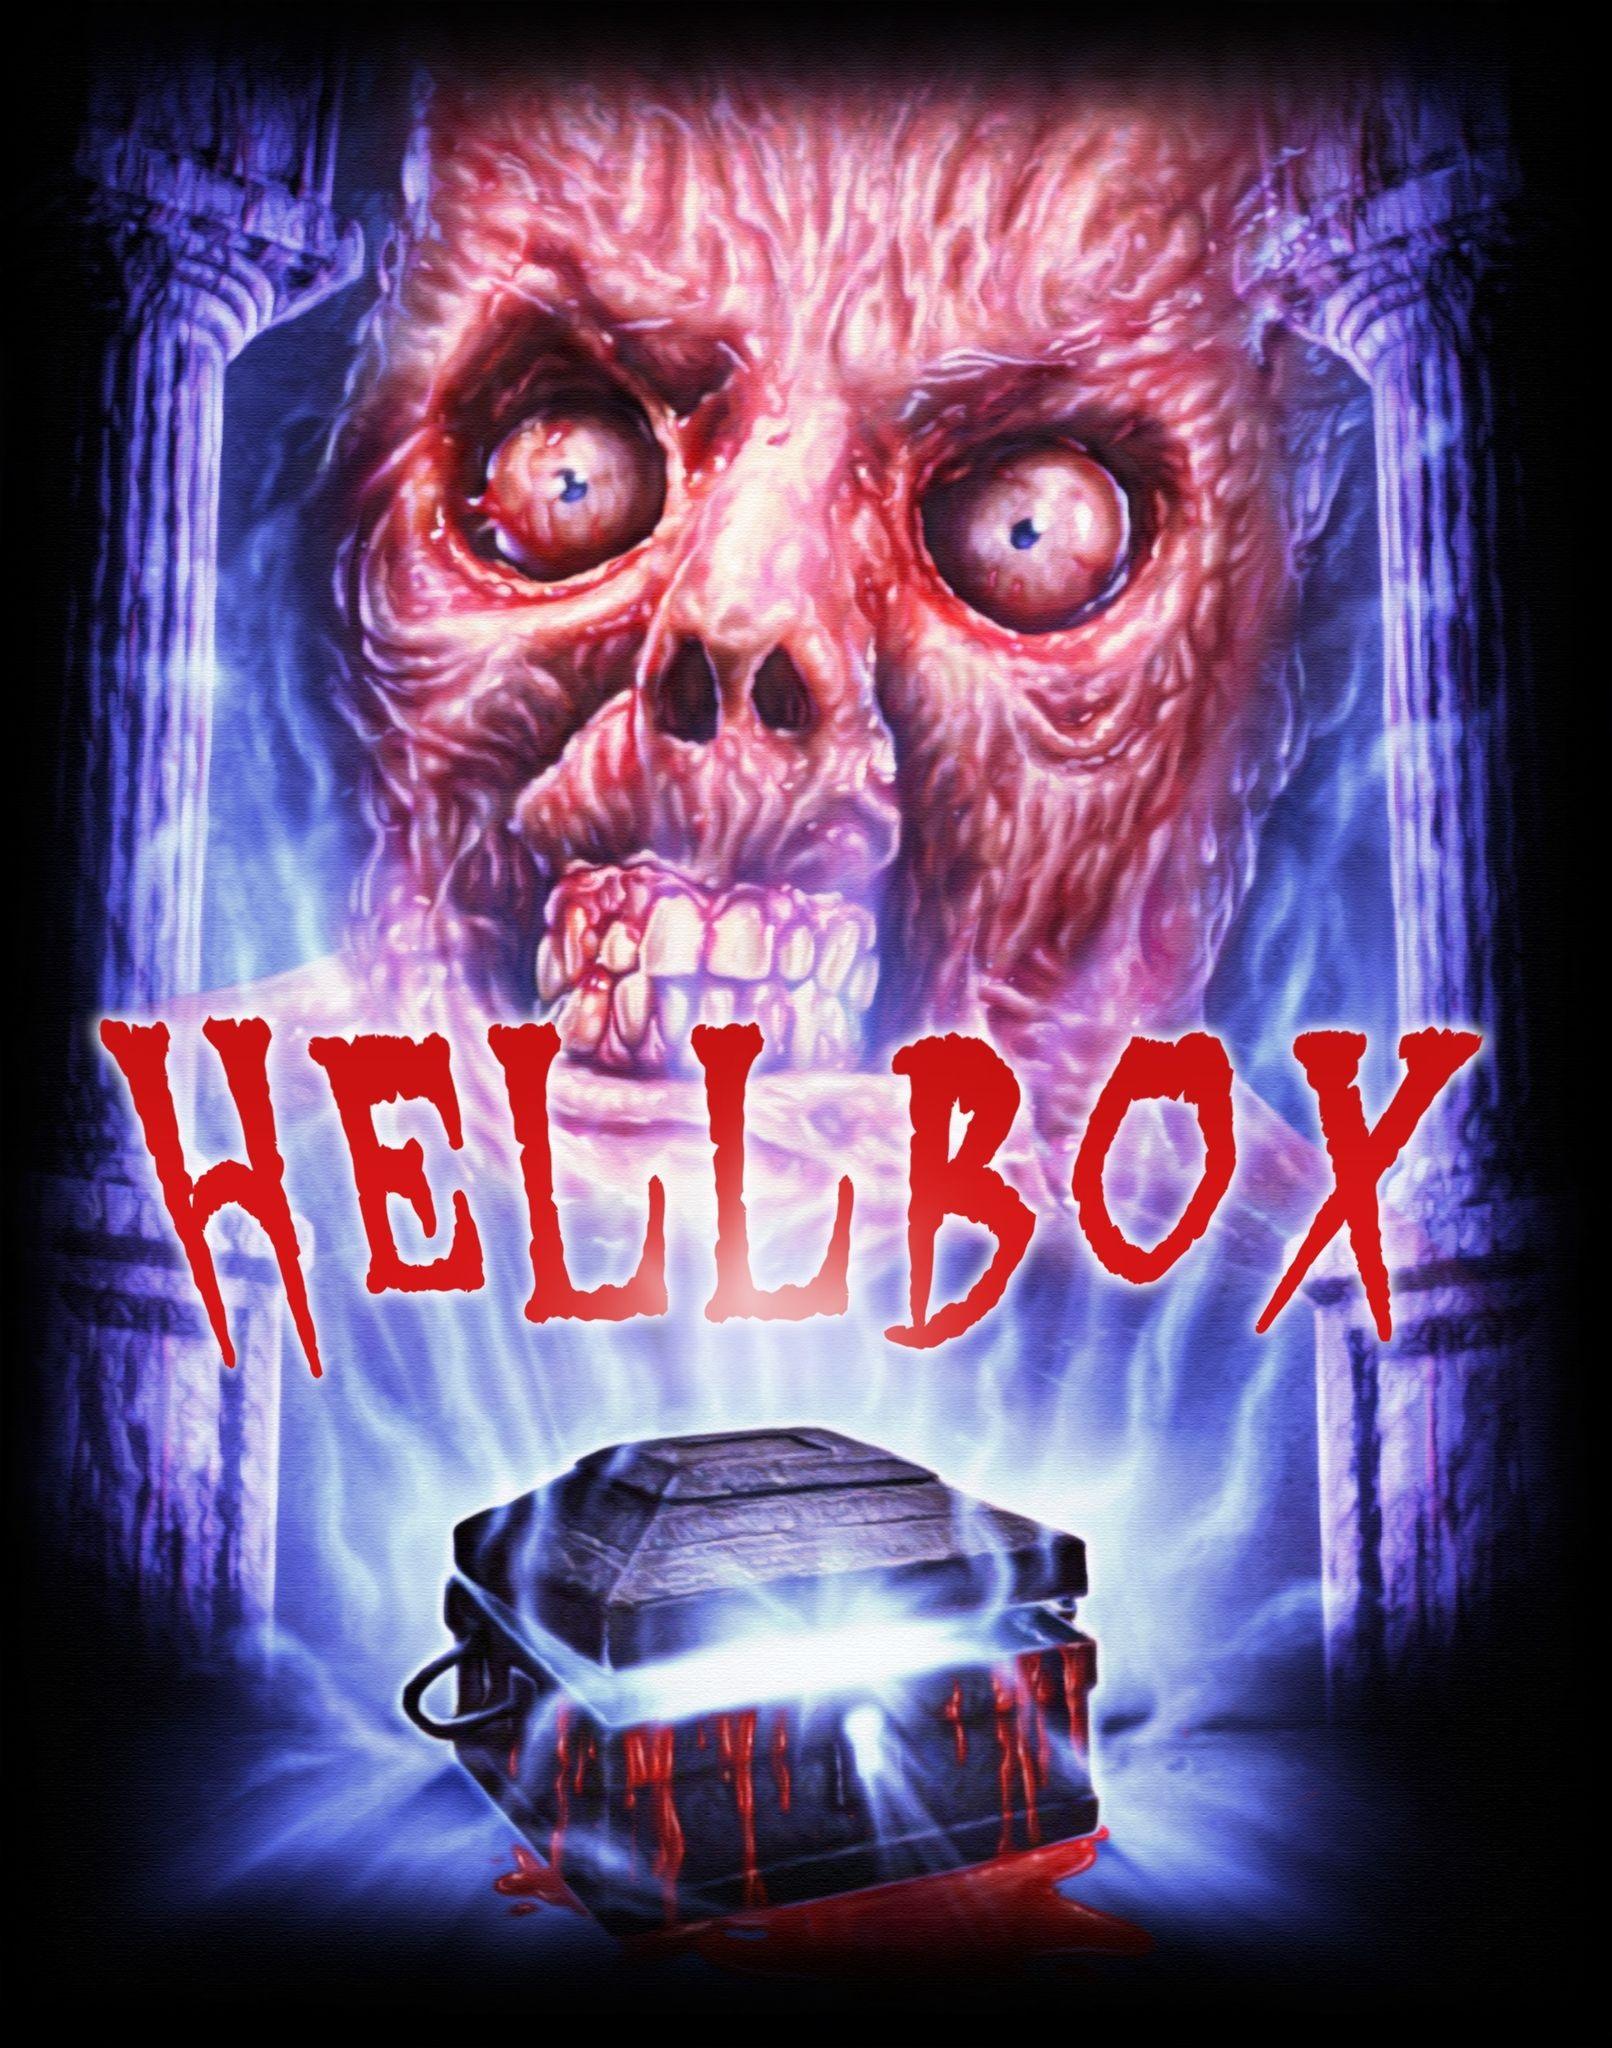 Hellbox (2021) Dual Audio 720p HDRip [Hindi – English]